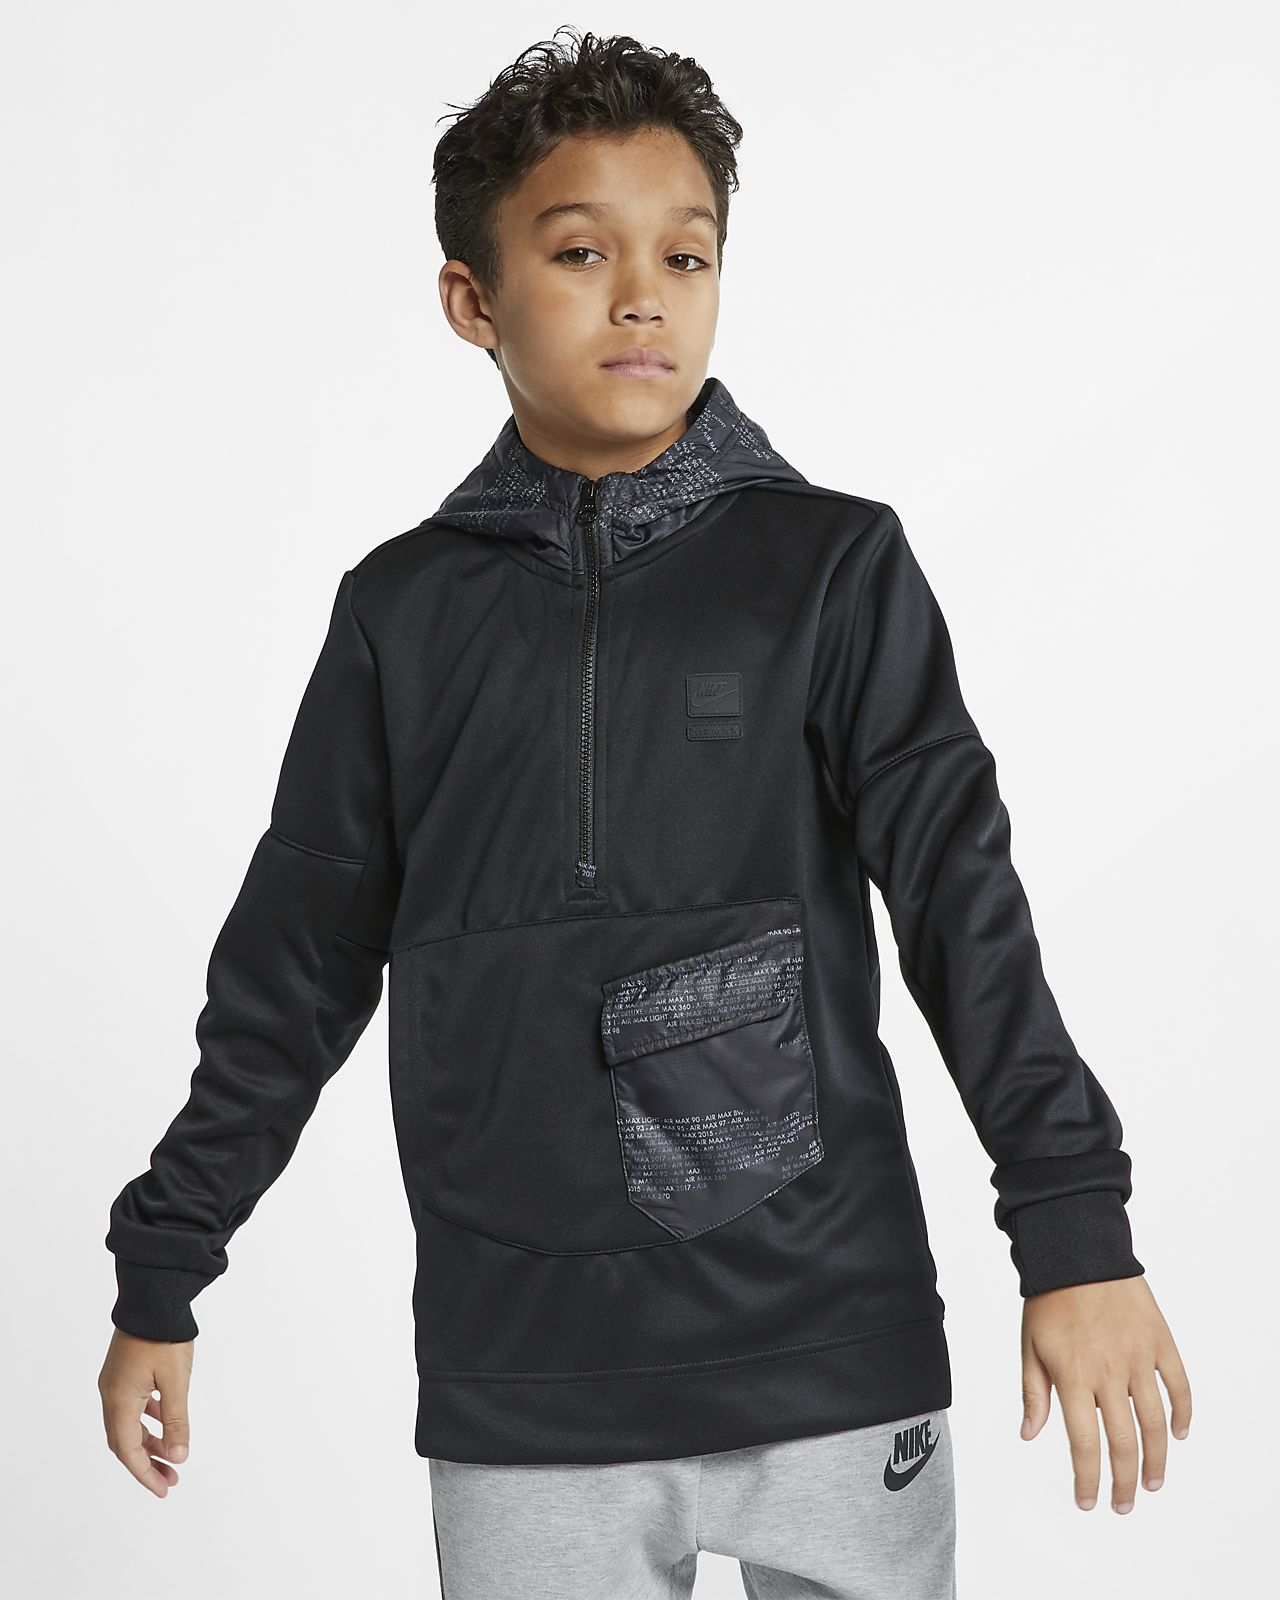 Nike Sportswear Older Kids' (Boys') 12 Zip Hoodie